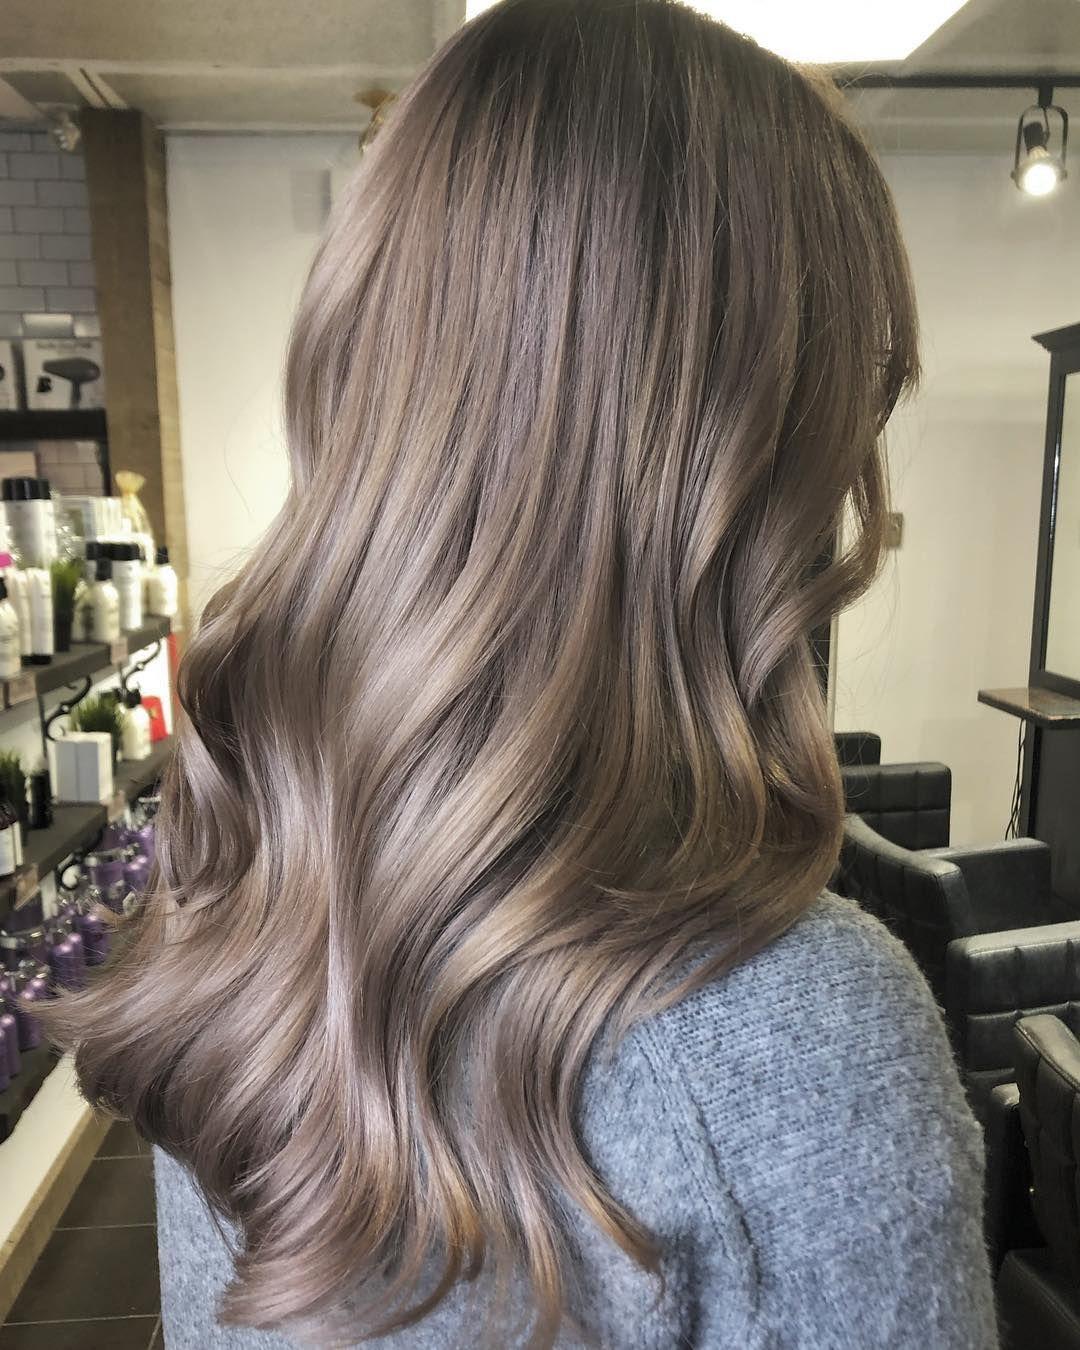 Frisuren Trend 2019 Mushroom Blonde Ist Die Perfekte Farbe Fur Blonde Und Braune Haare Hair Styles Mushroom Hair Low Maintenance Hair